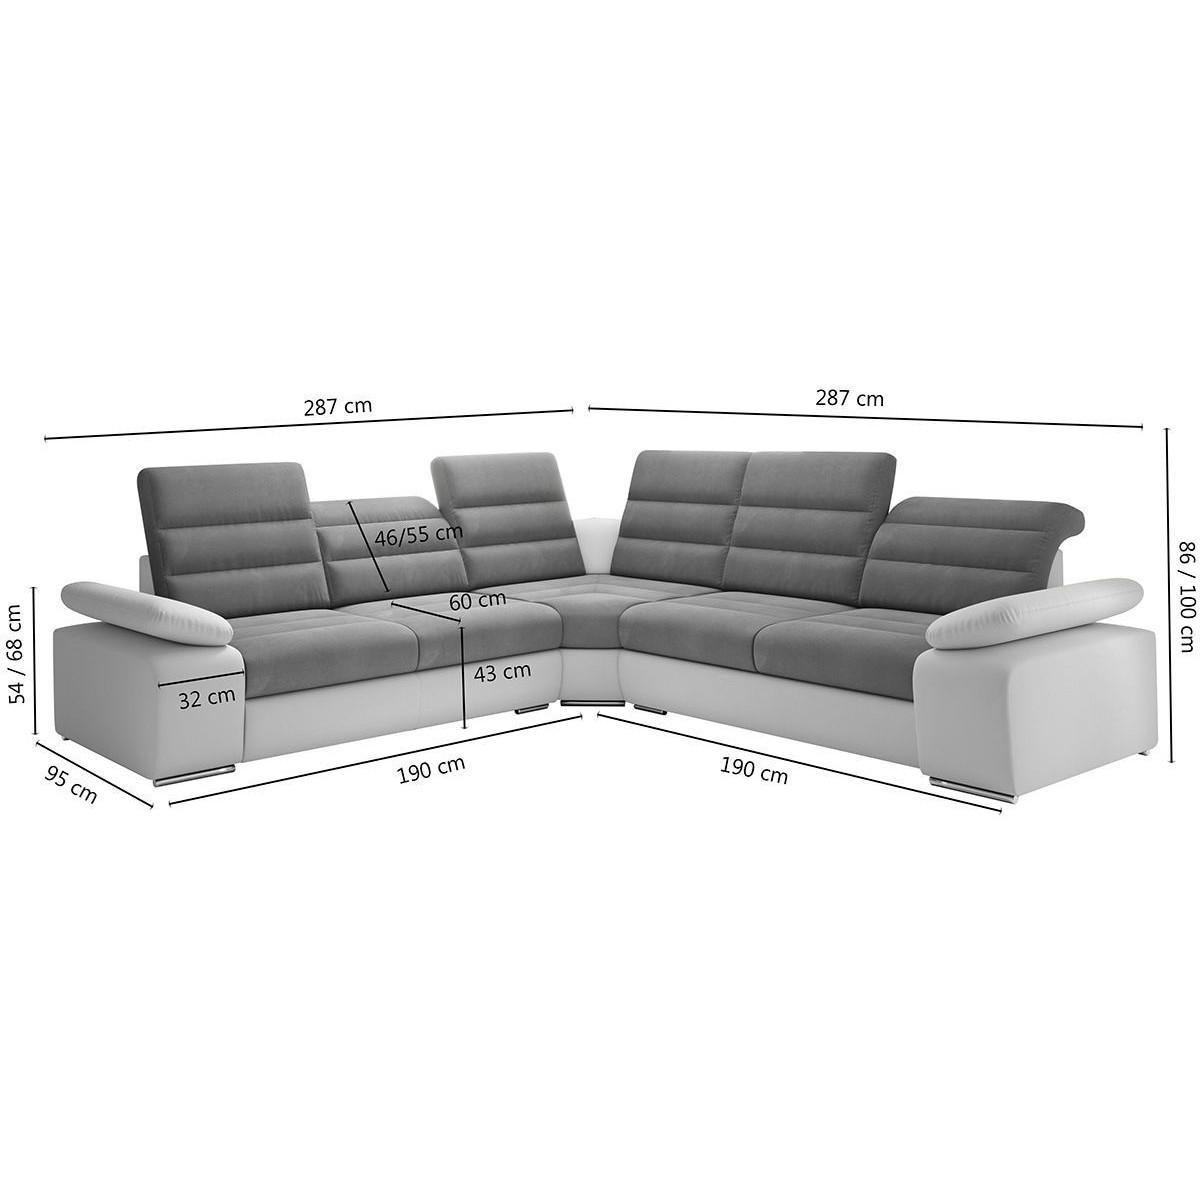 Salon Canapé d angle convertible design en tissu gris et